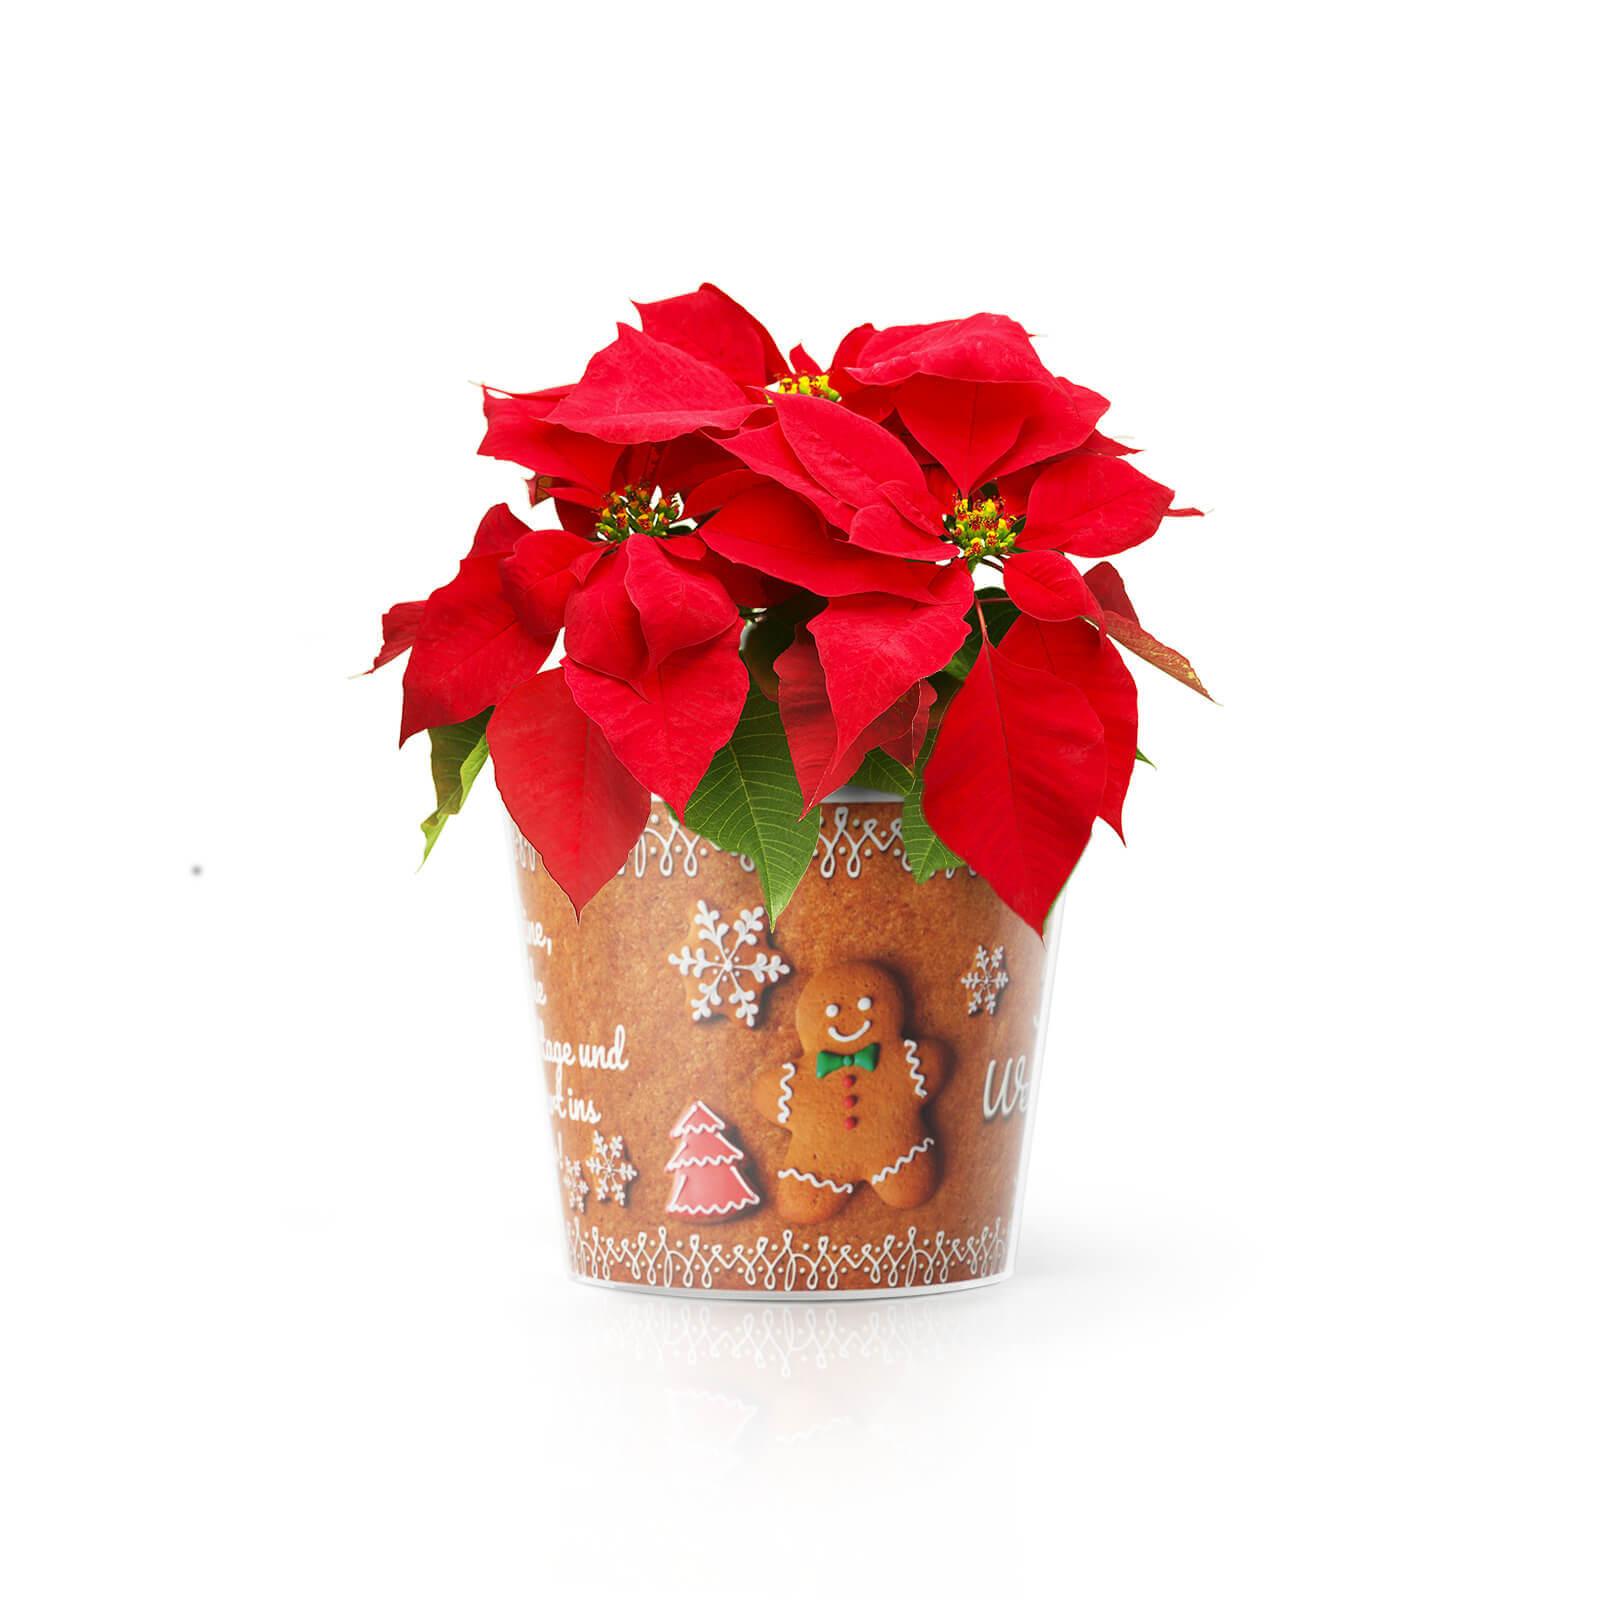 Cookie Weihnachtswuensche Oma und Opa Weihnachtsgeschenk